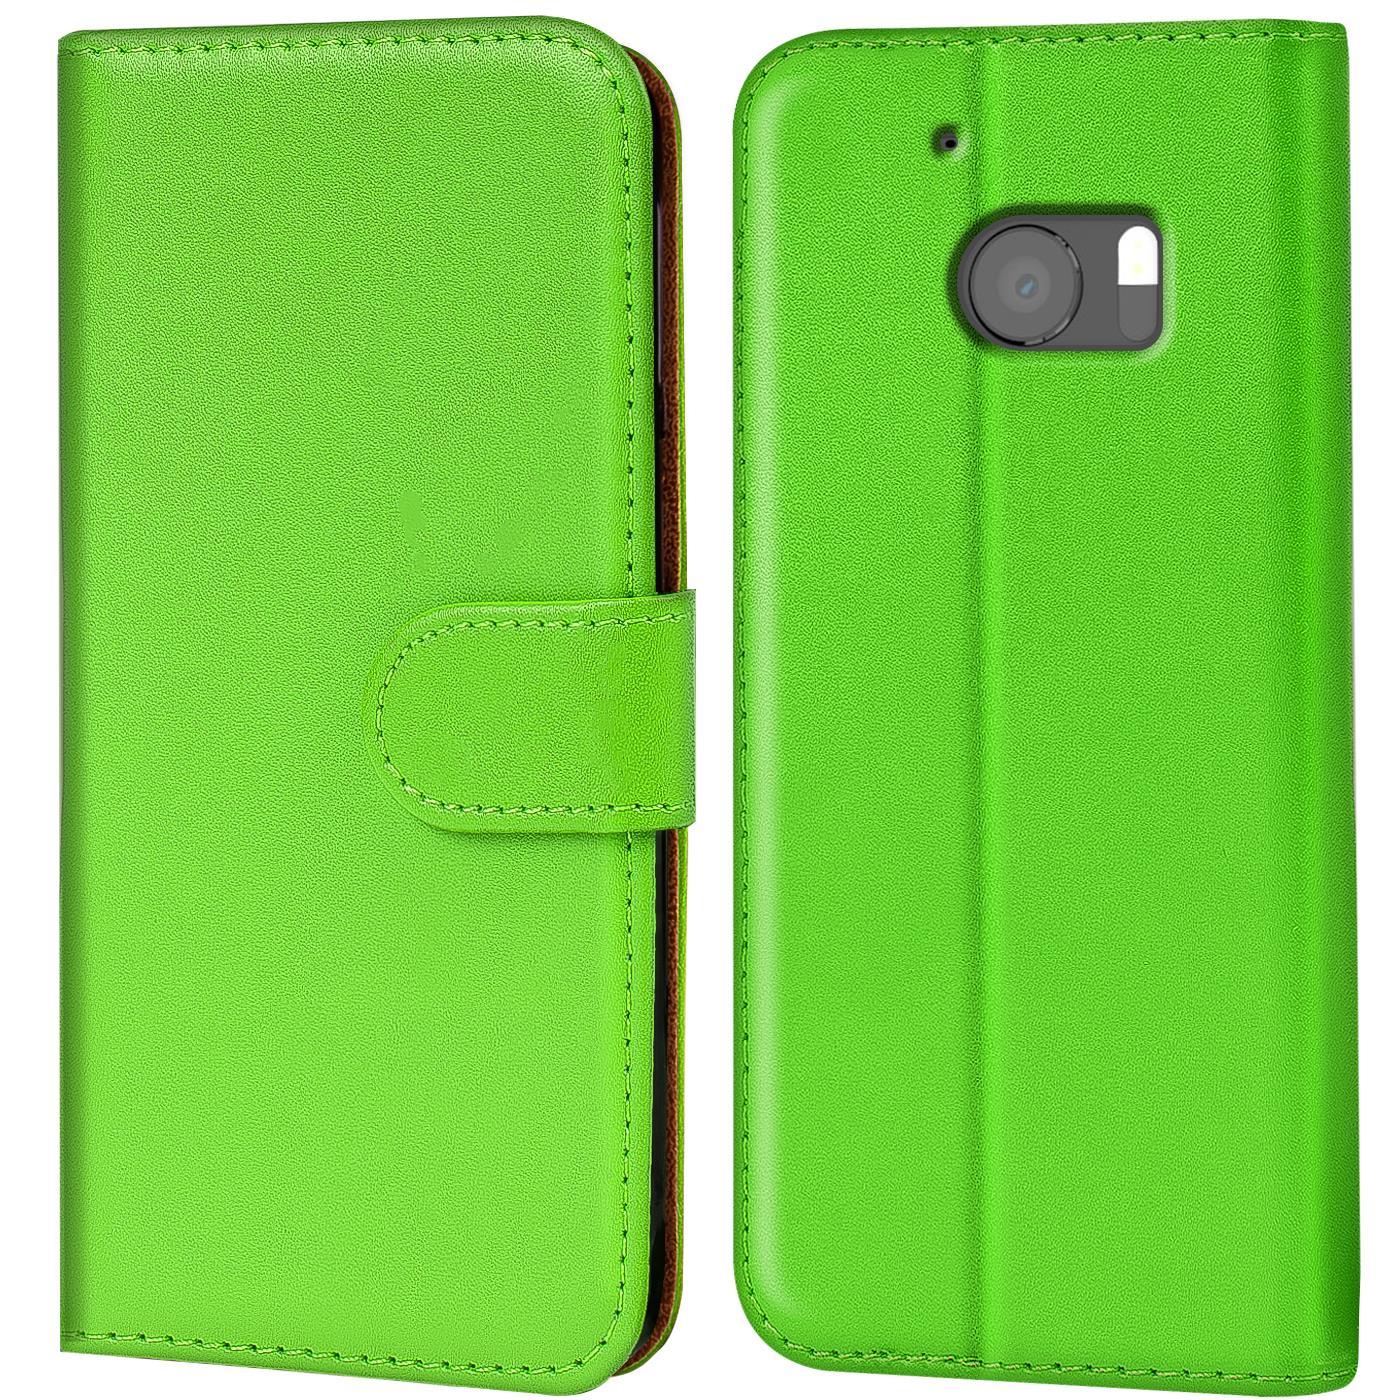 Handyhülle für HTC Flip Case Hülle Schutzhülle Book Cover Tasche Handy Schale